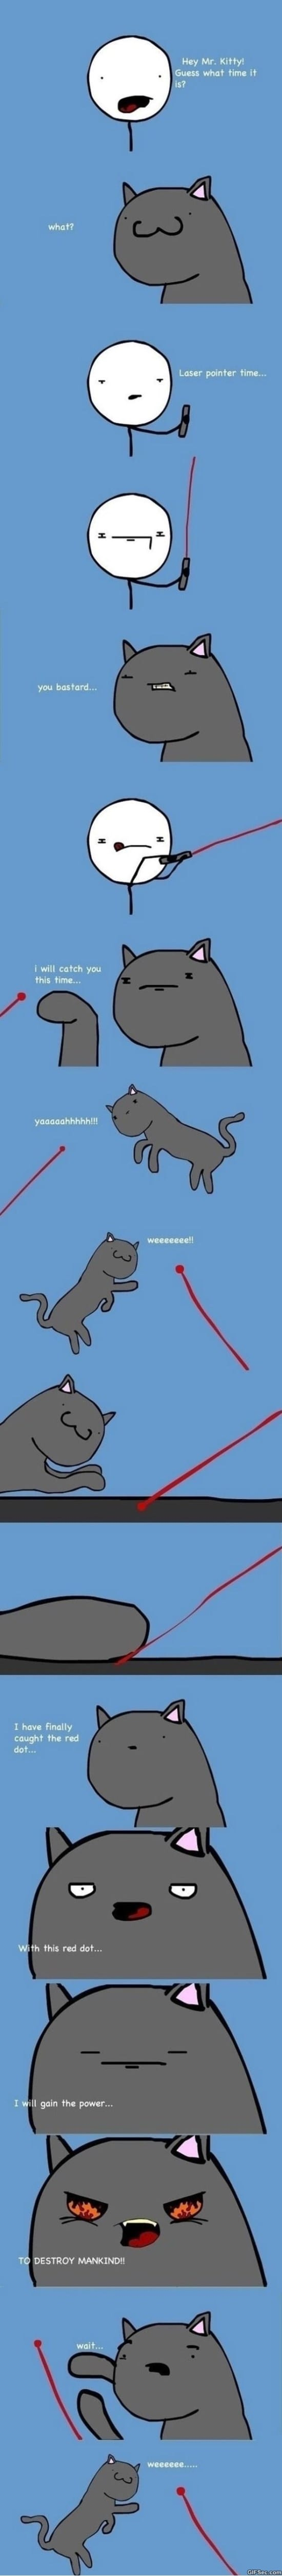 laser-point